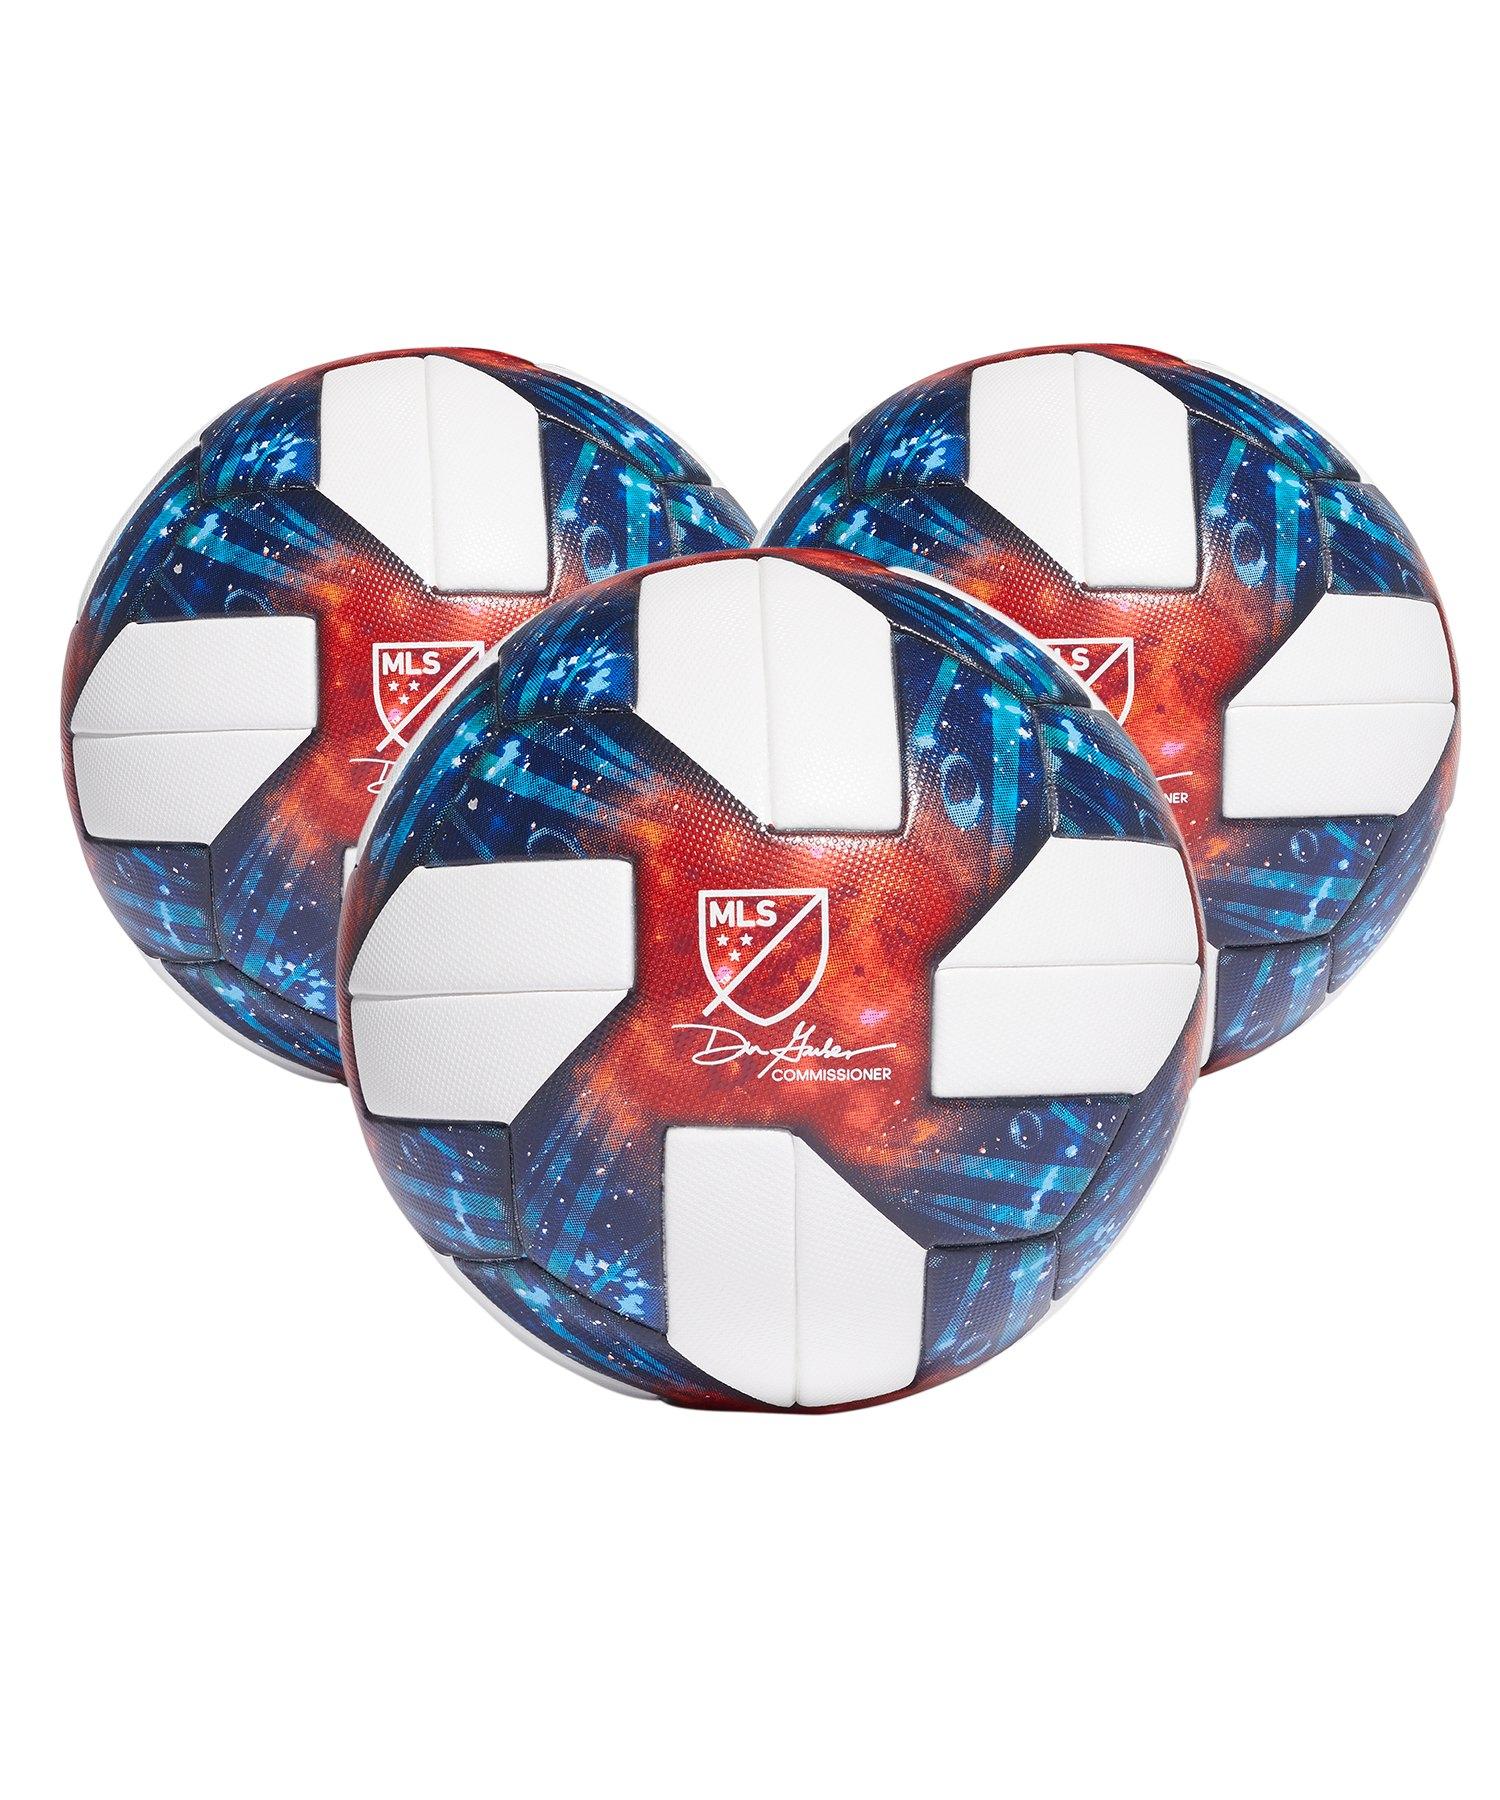 adidas MLS OMB 3x Spielball Weiss - weiss